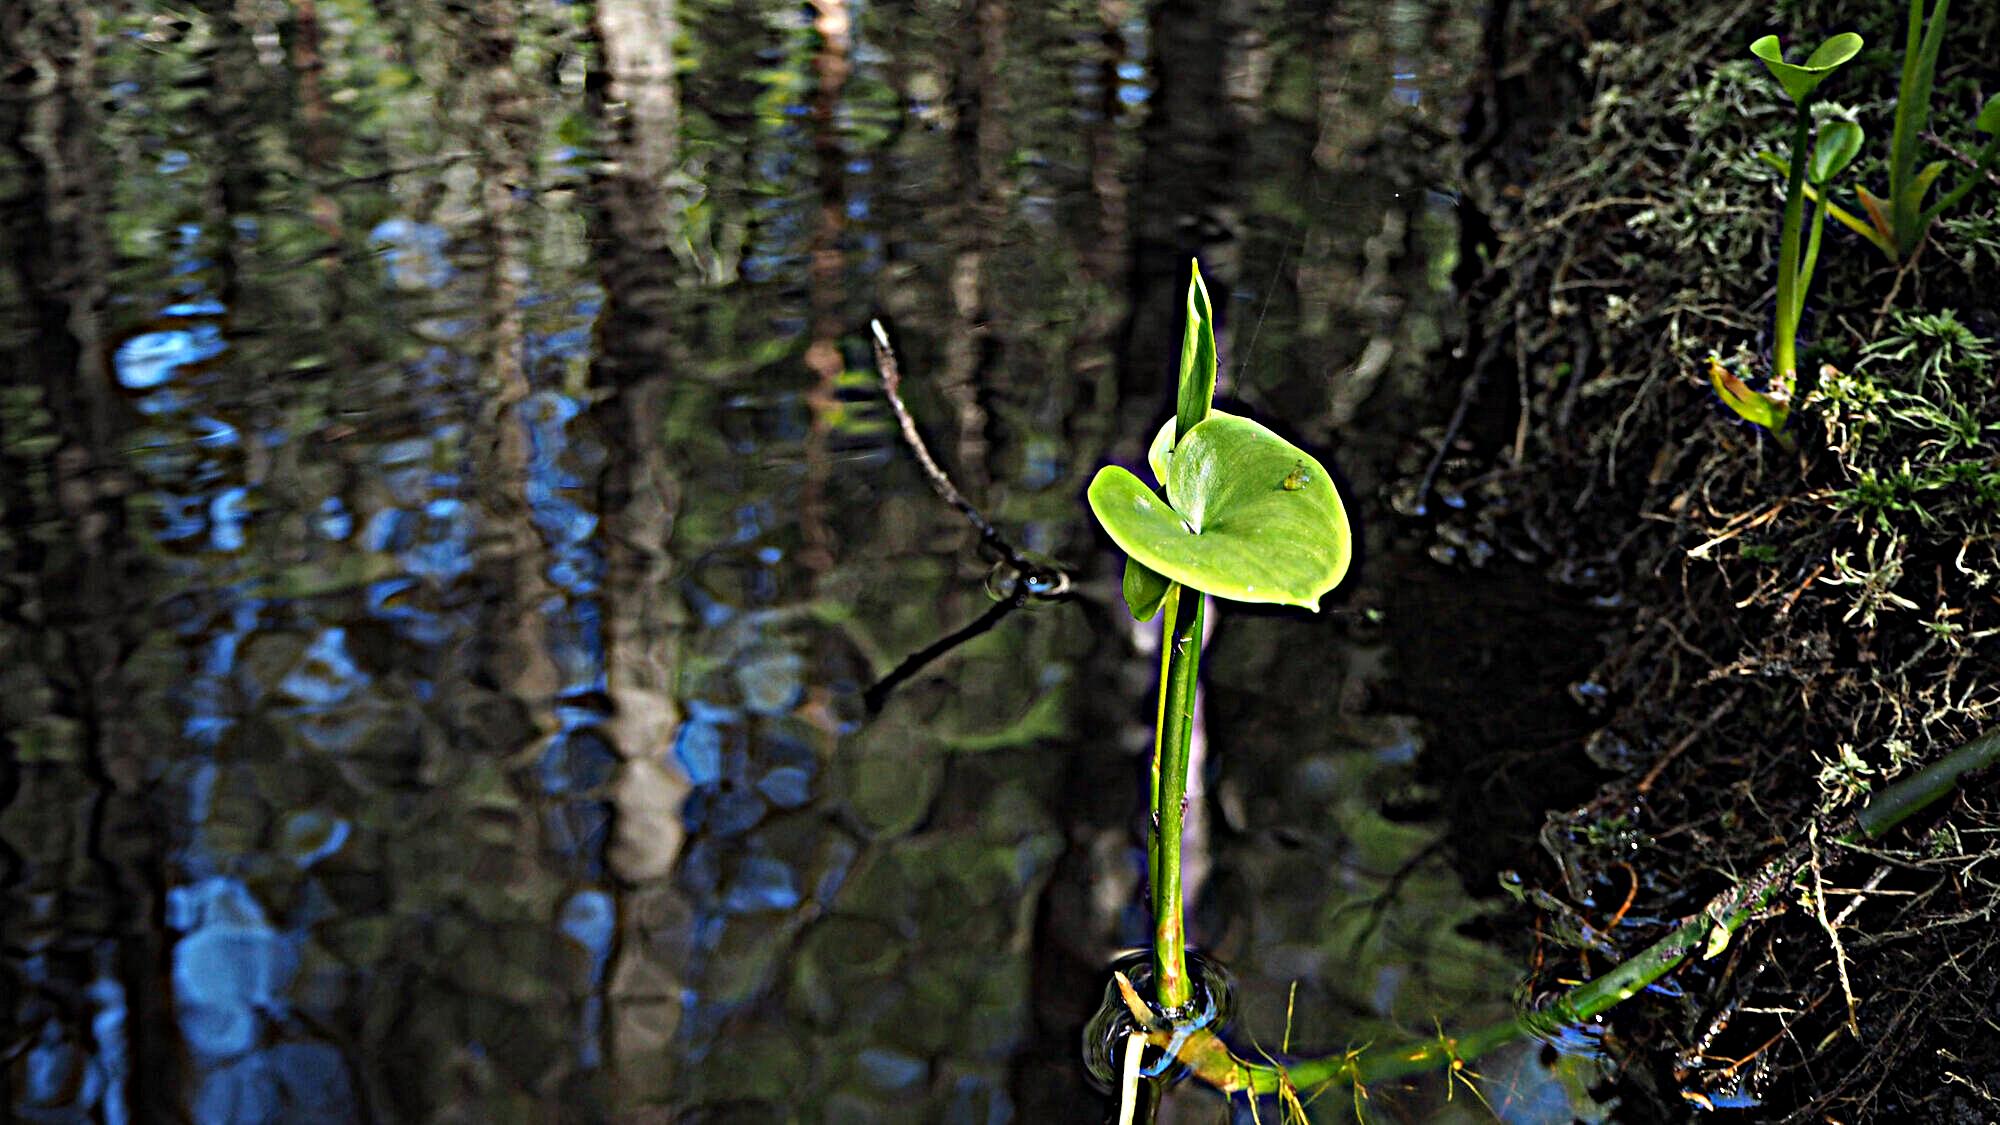 Yksinäinen vehka kasvaa puron tummass vedessä.